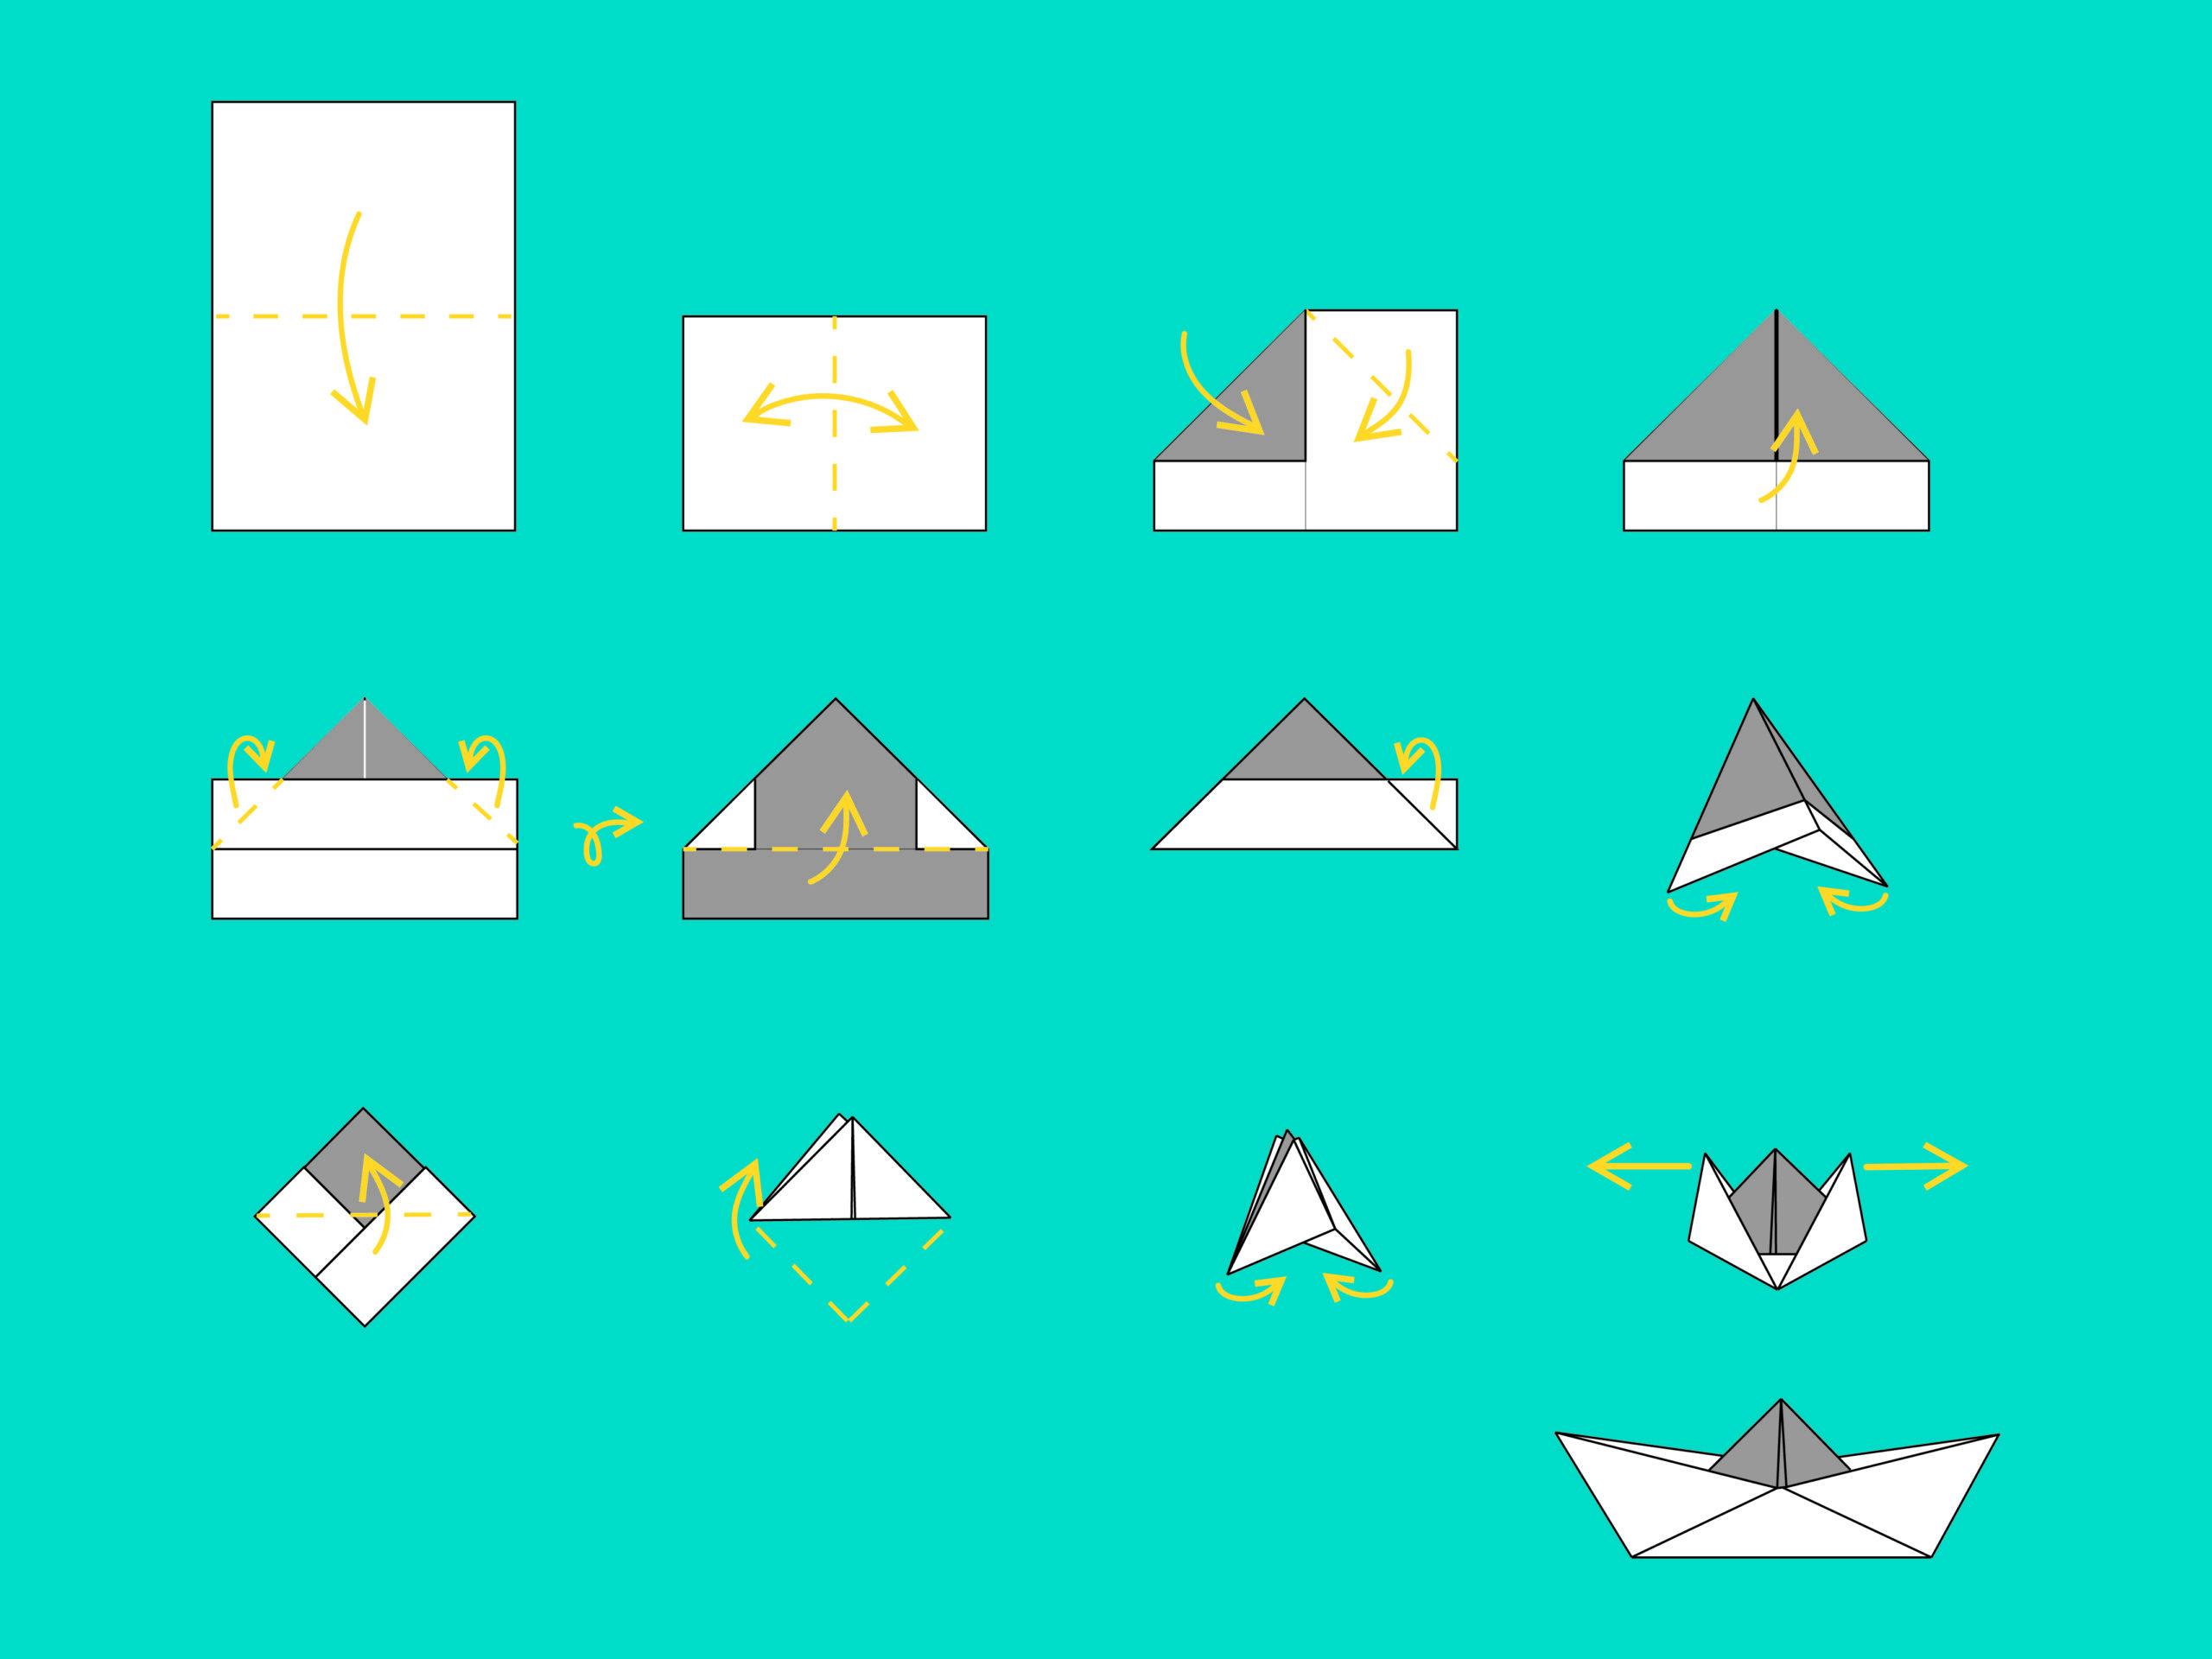 Instrukcja graficzna wykonania łódki zpapieru.